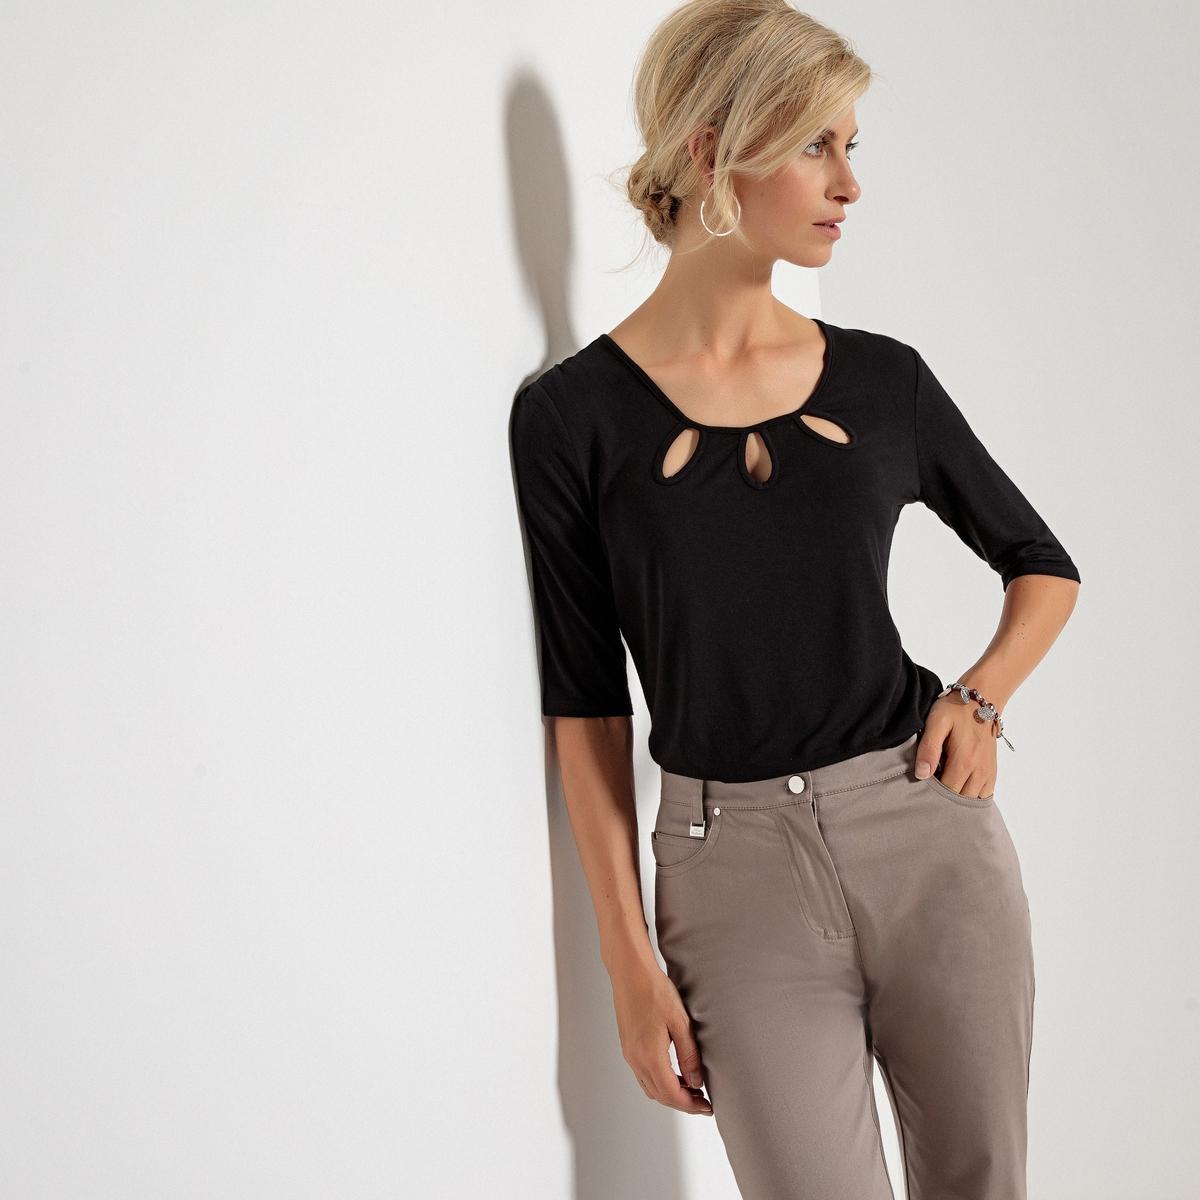 Imagen adicional 3 de producto de Camiseta con cuello redondo y escote fantasía, manga 3/4 - Anne weyburn